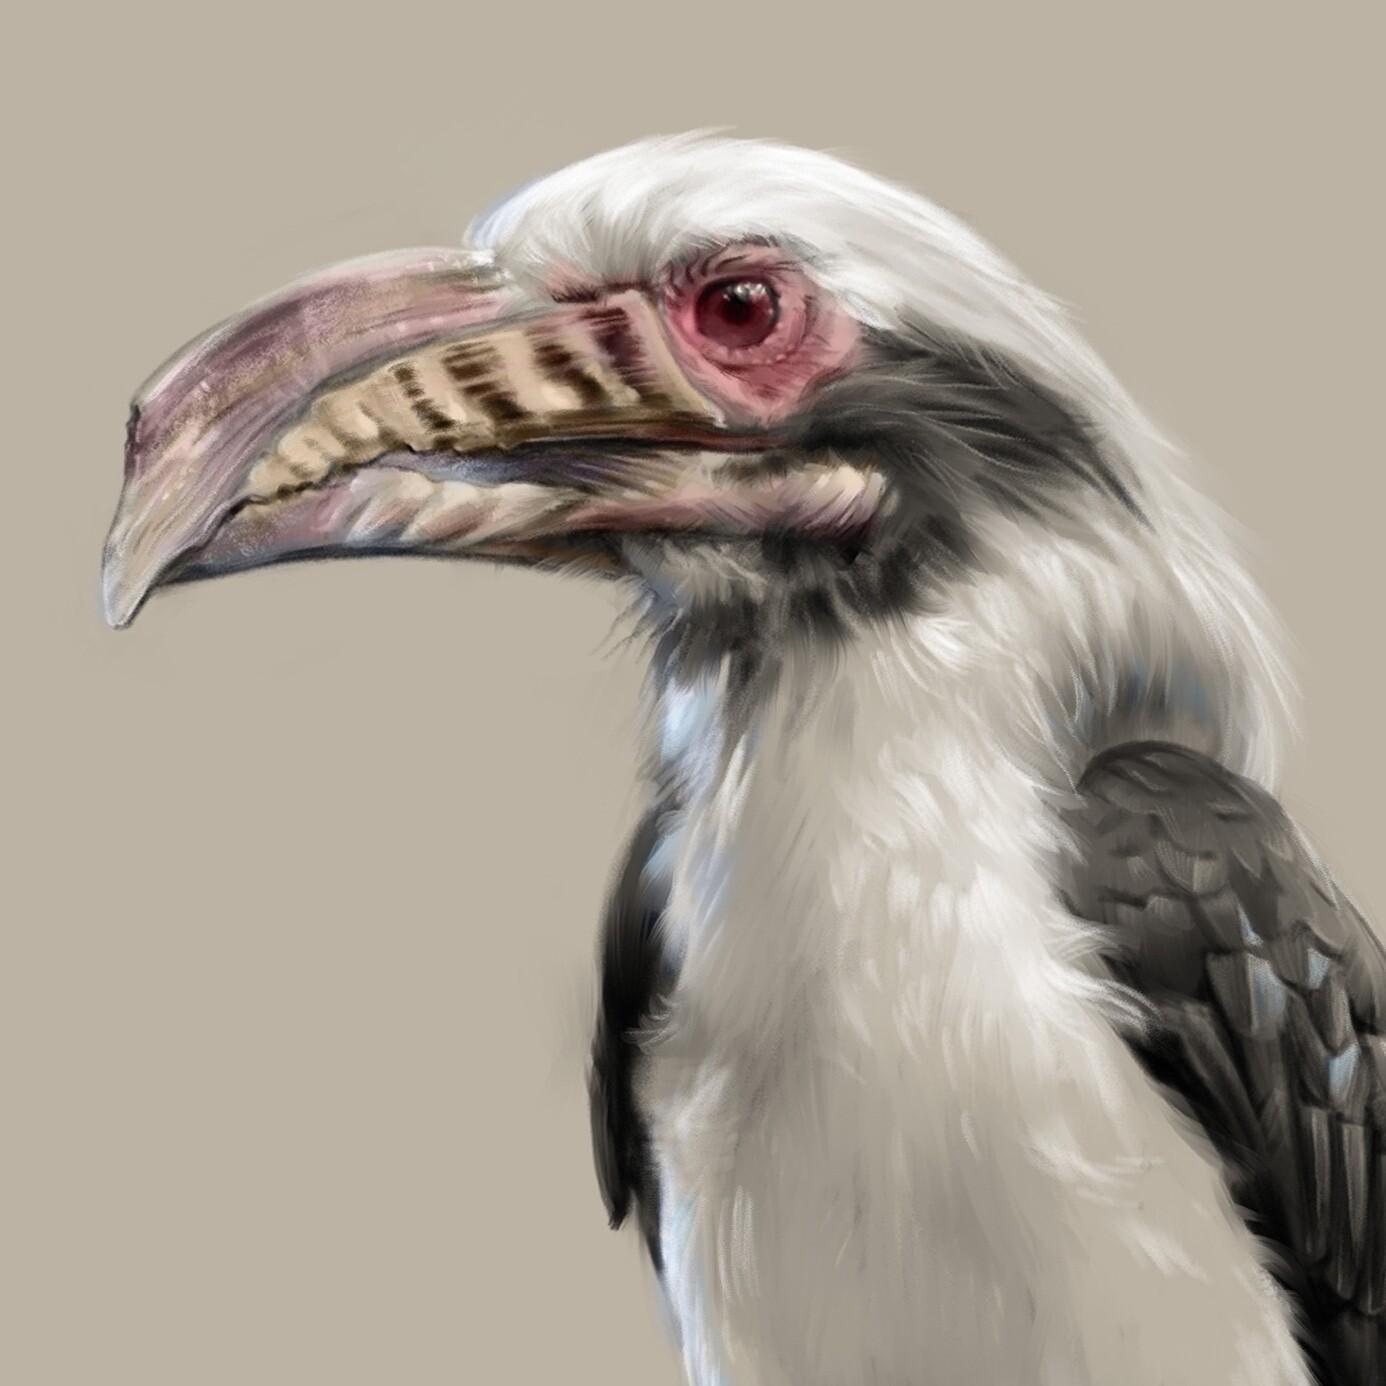 Visayan hornbill (Penelopides panini)